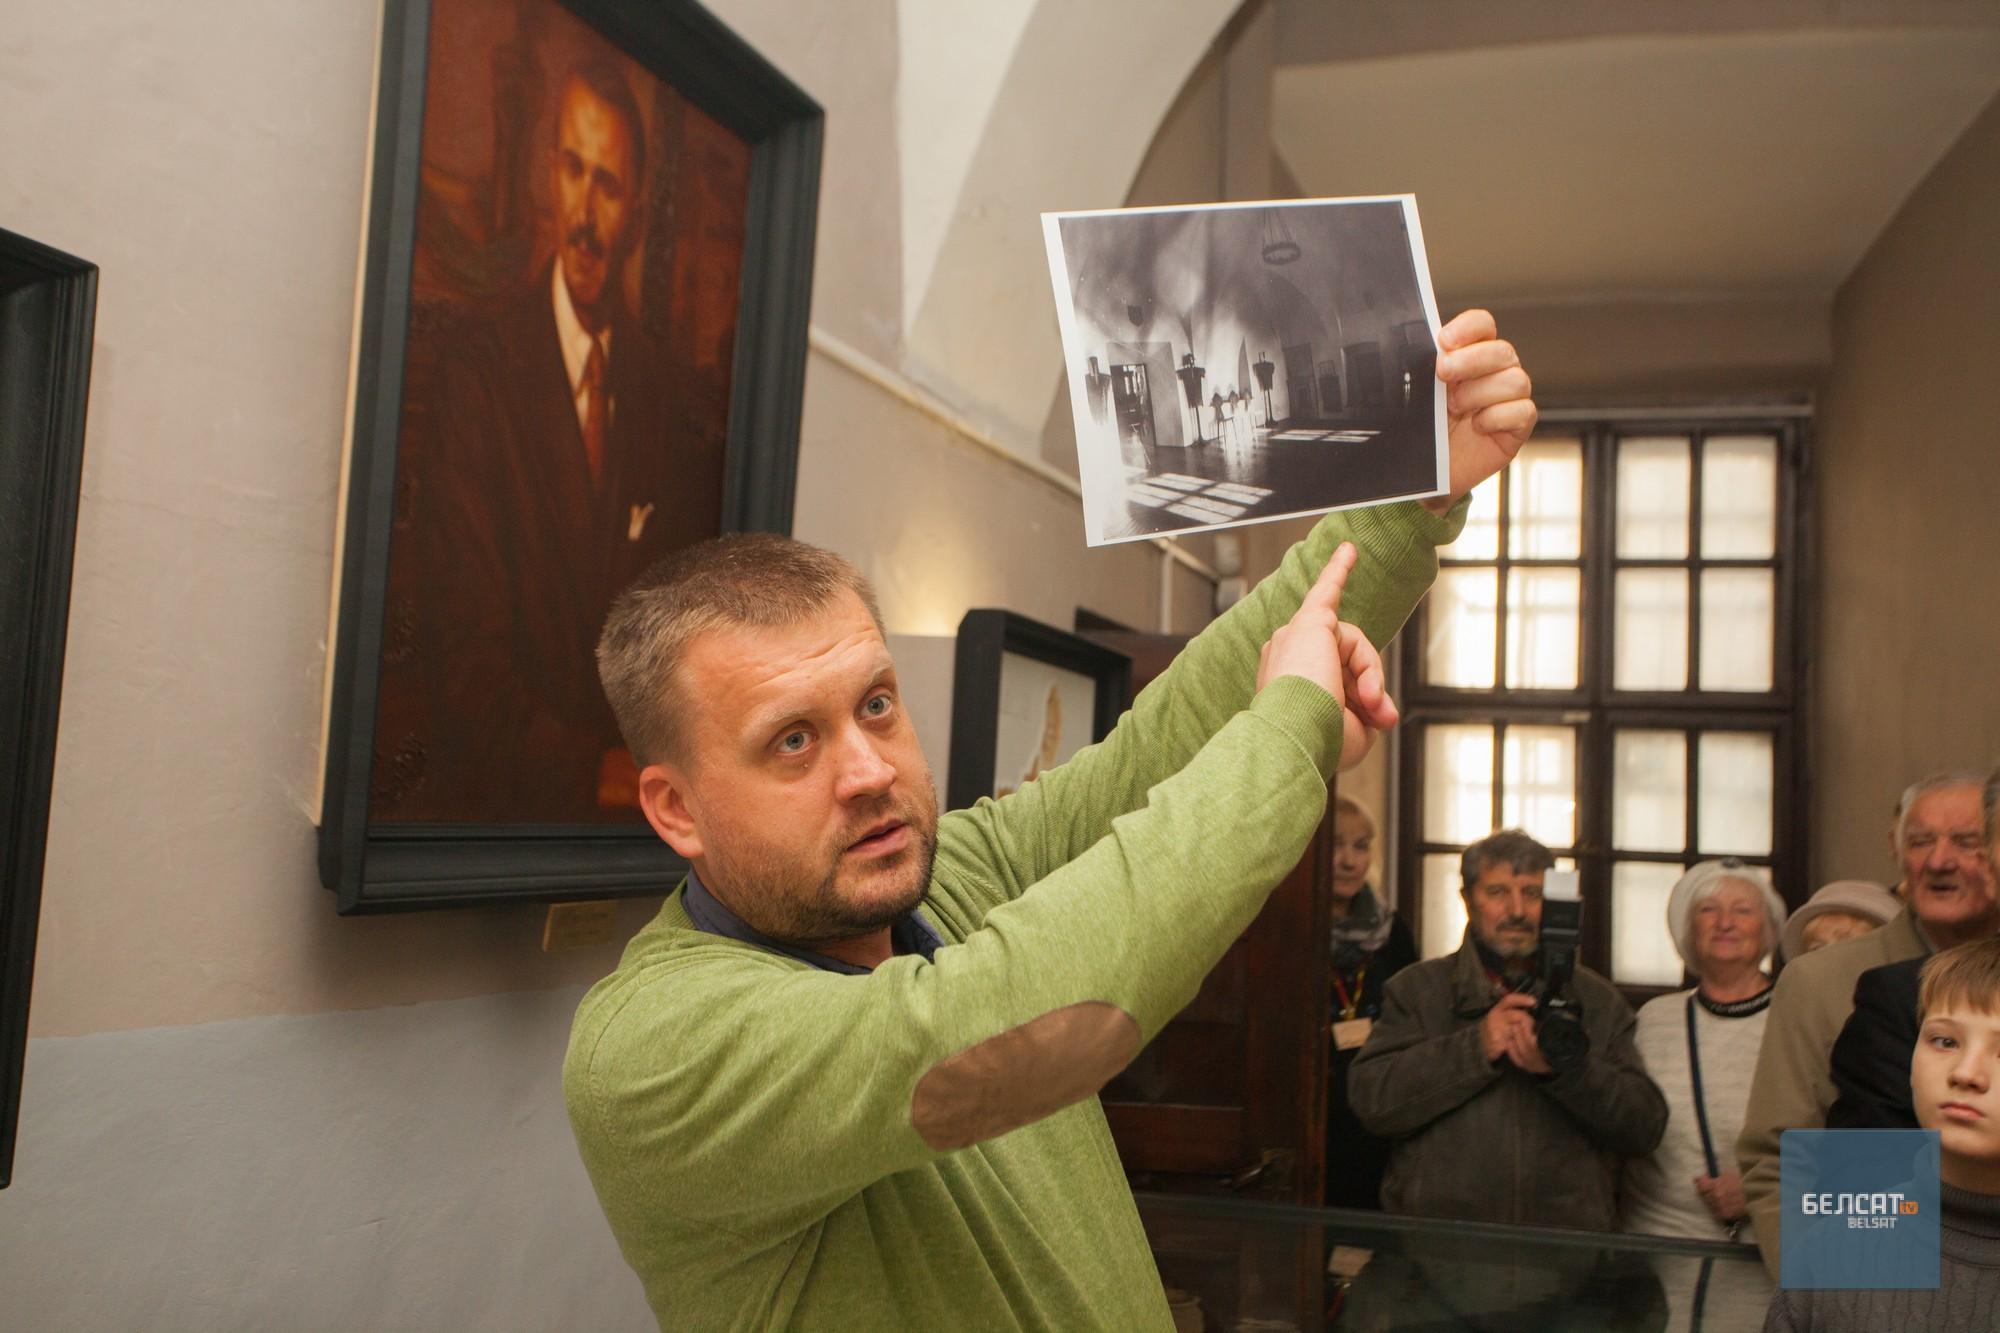 Супрацоўнік музею Андрэй Вашкевіч падчас экскурсіі. Фота – Васіль Малчанаў/«Белсат»